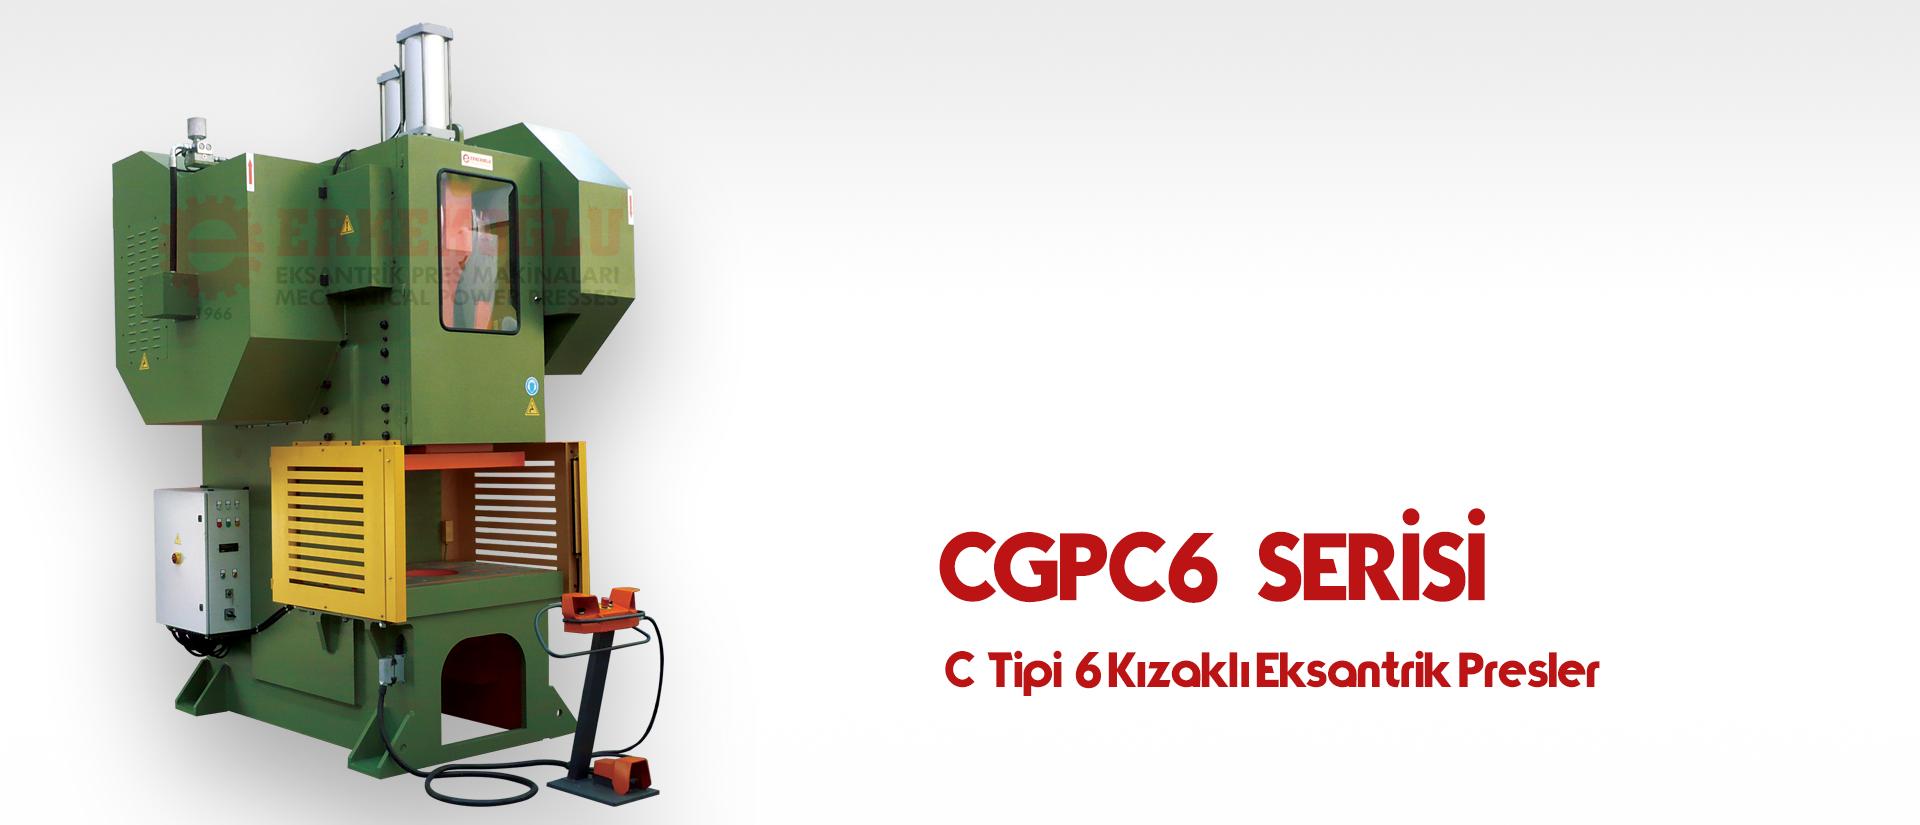 CPGC6